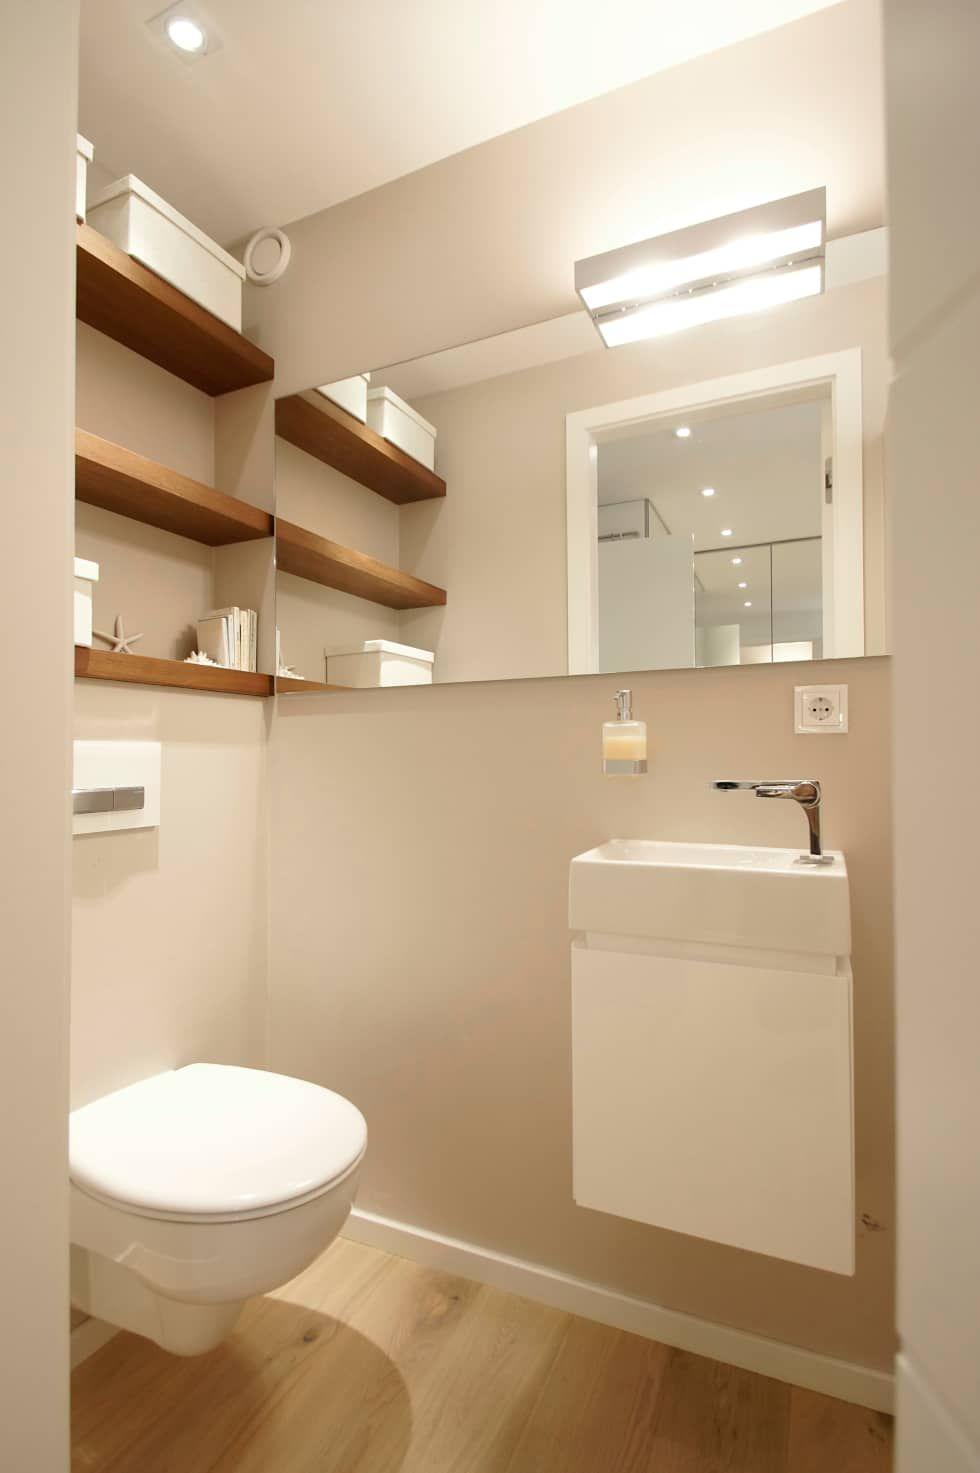 Wohnung k: moderne badezimmer von stylingroom   Rume ...